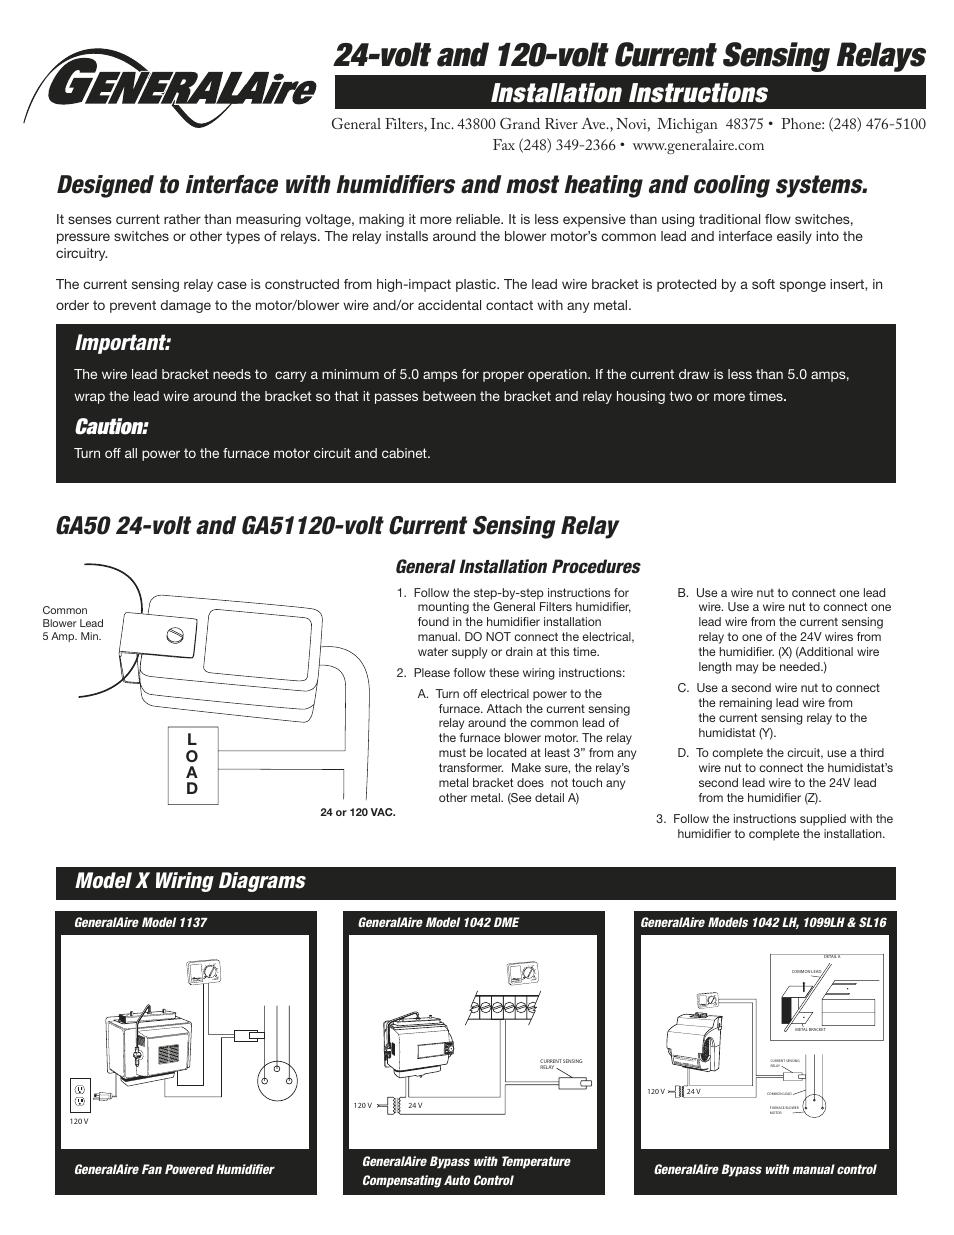 Generalaire Ga51 Current Sensing Relay User Manual